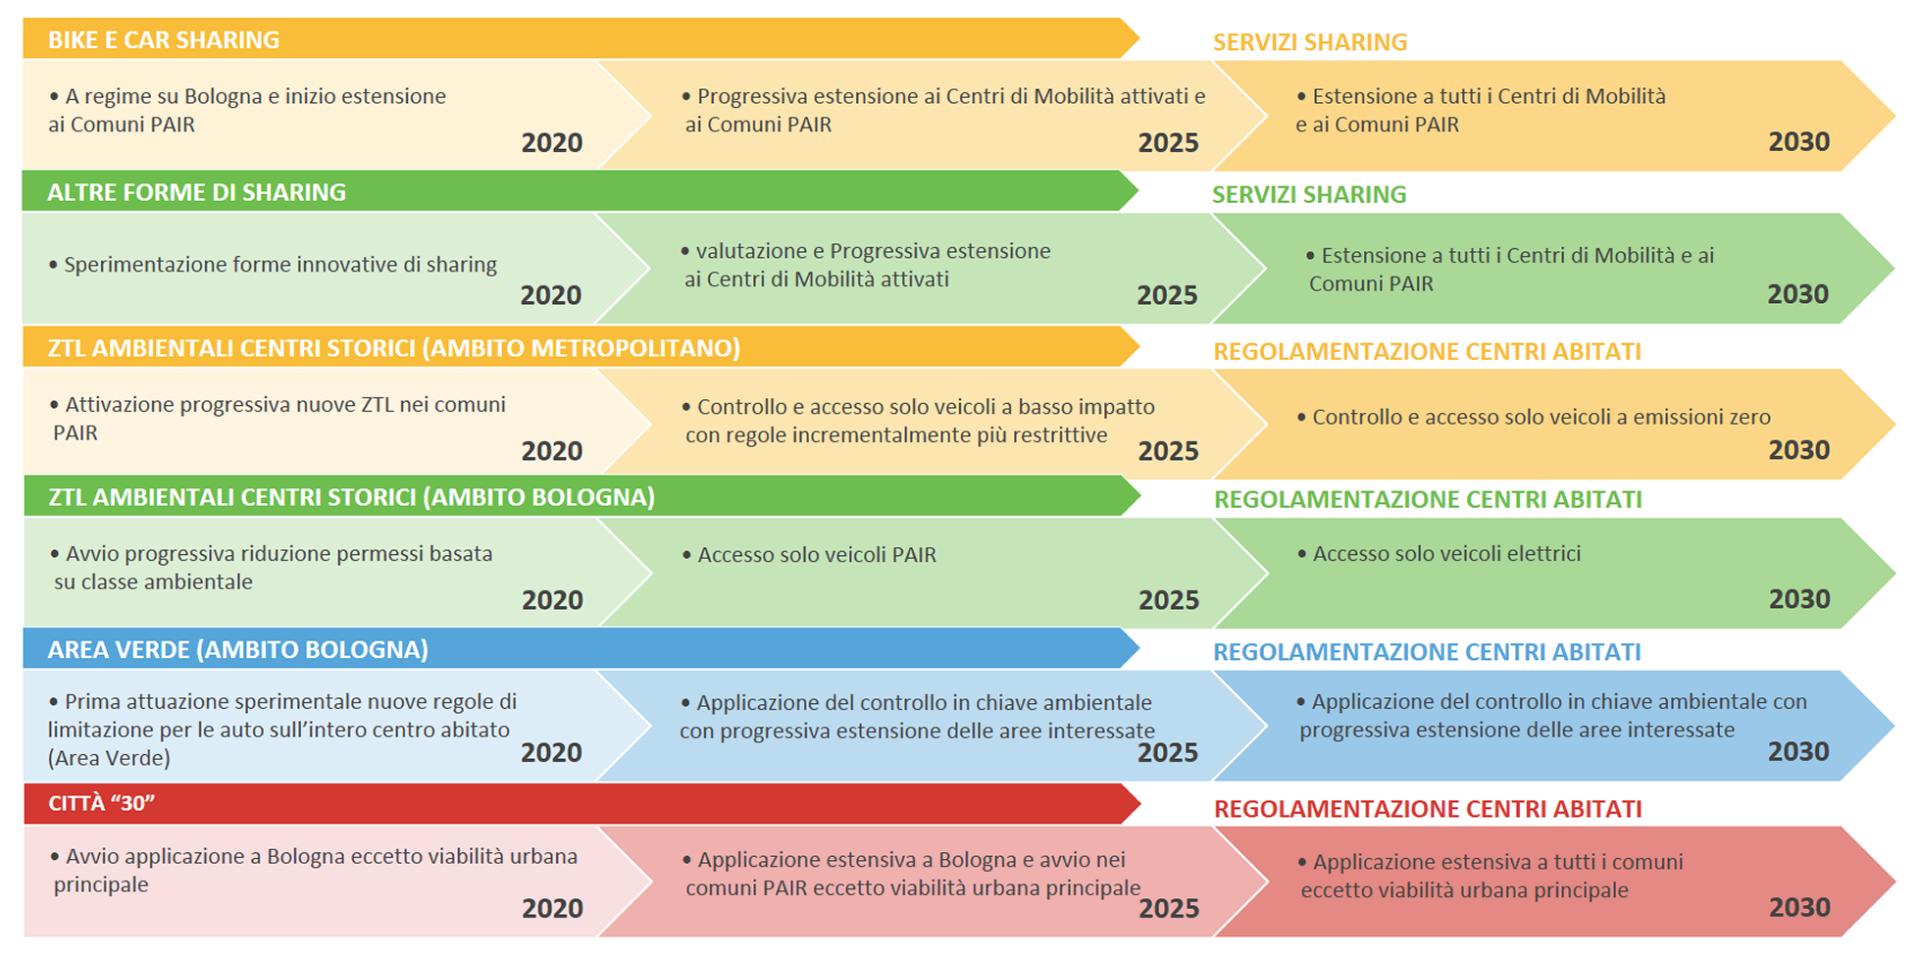 Le principali azioni di Piano rappresentate attraverso un quadro sintetico che consente di visualizzare le diverse fasi di attuazione previste - parte 3